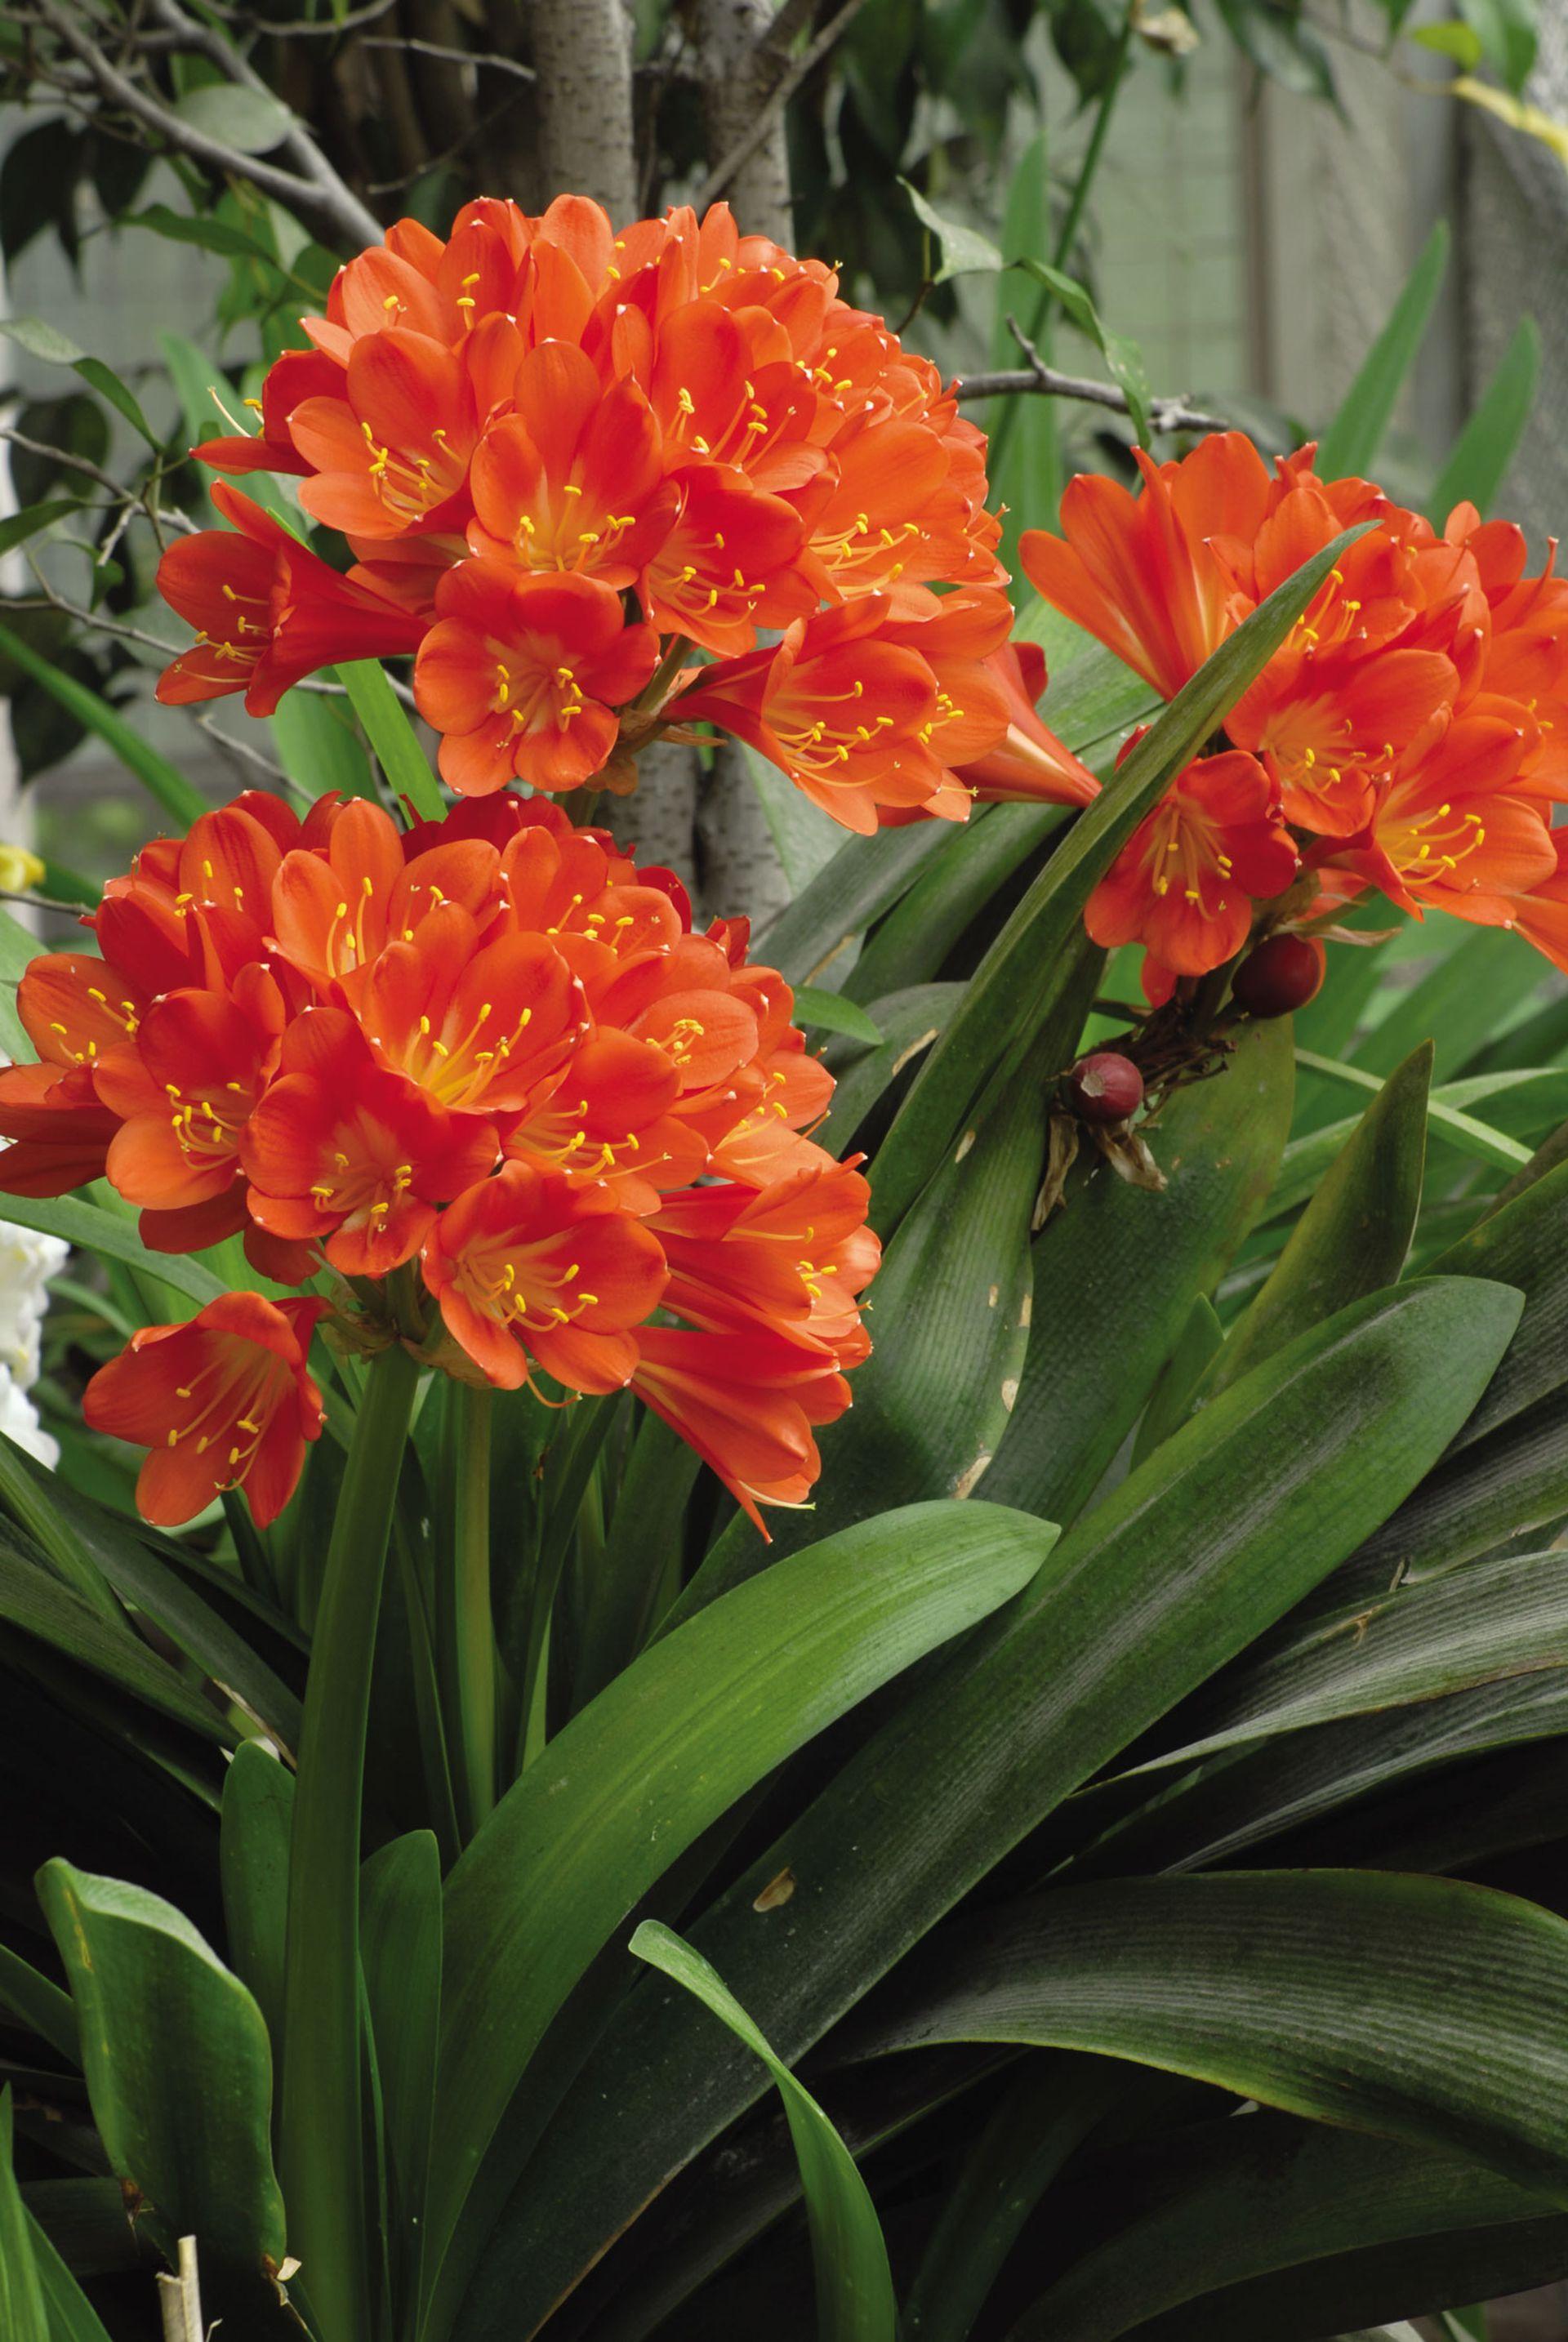 La clivia crece bien debajo de árboles o en jardines sombreados, dando una nota de color en una época de pocas flores. Se puede cultivar en maceteros.